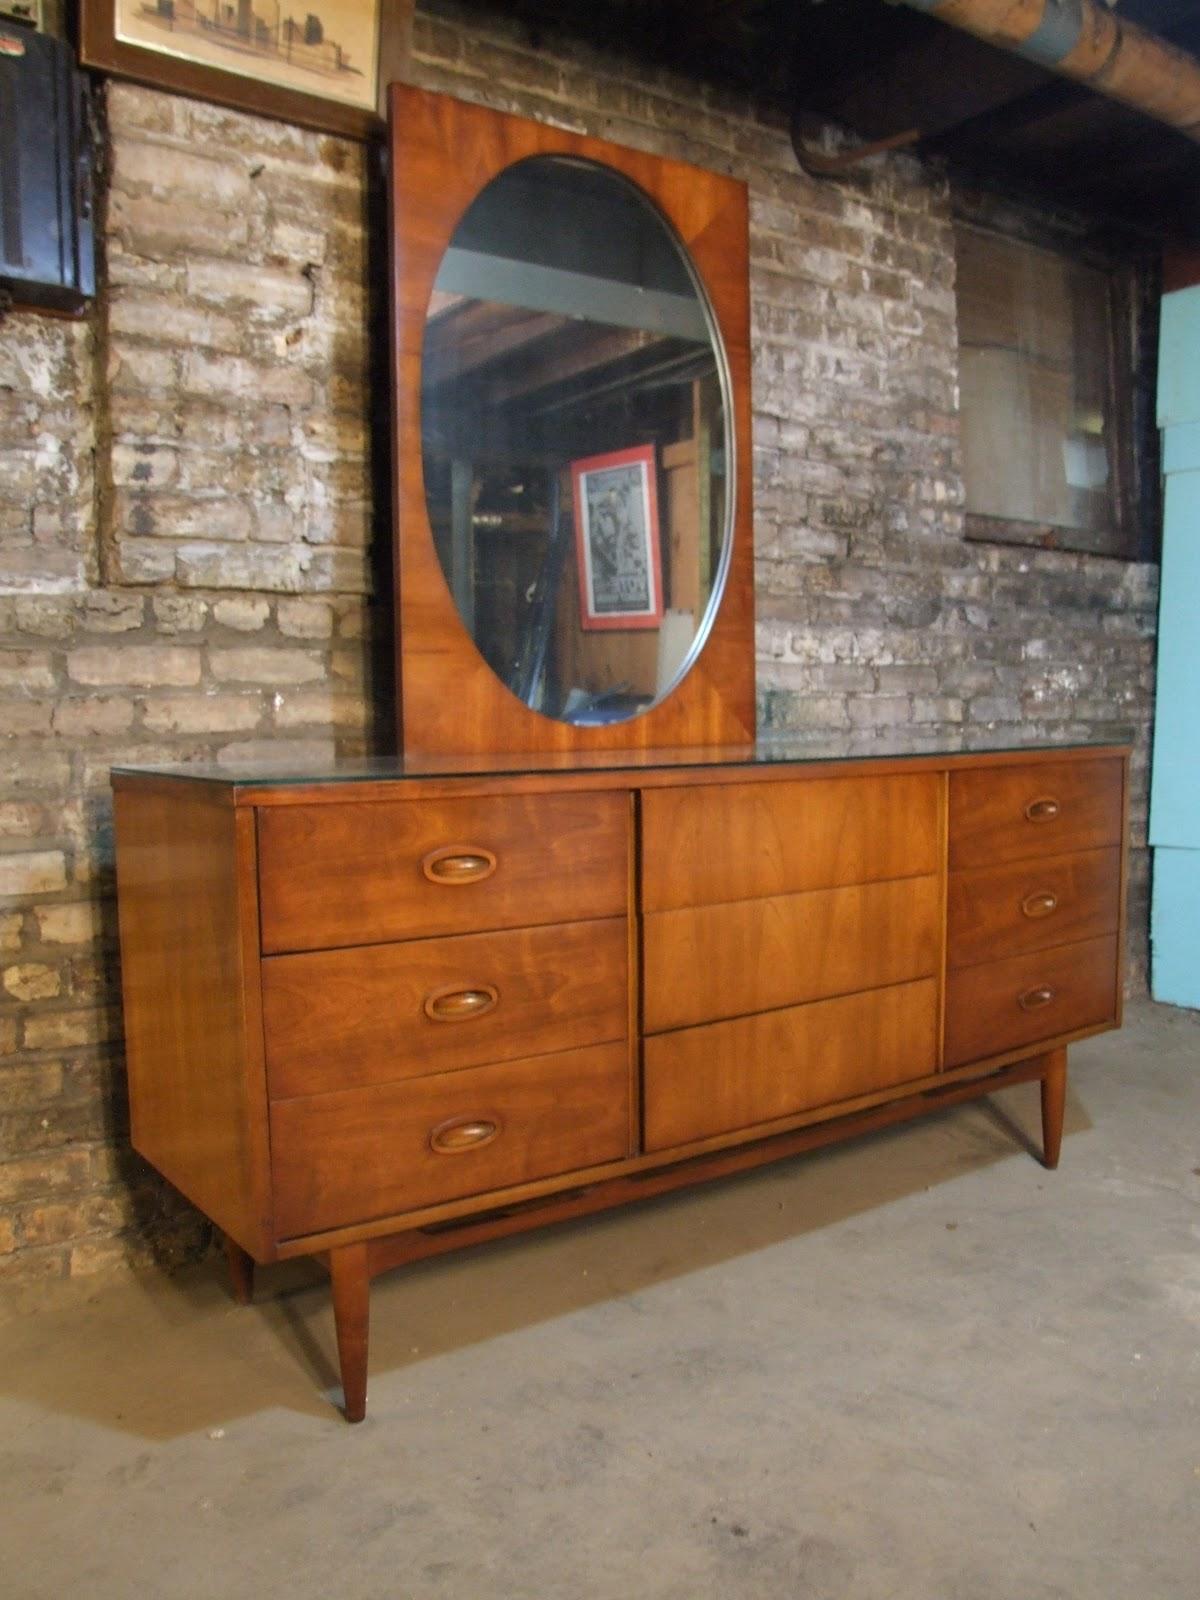 f germany at lowboy marble la furniture for with jugendstil id case dressers org z storage sale dresser pieces top